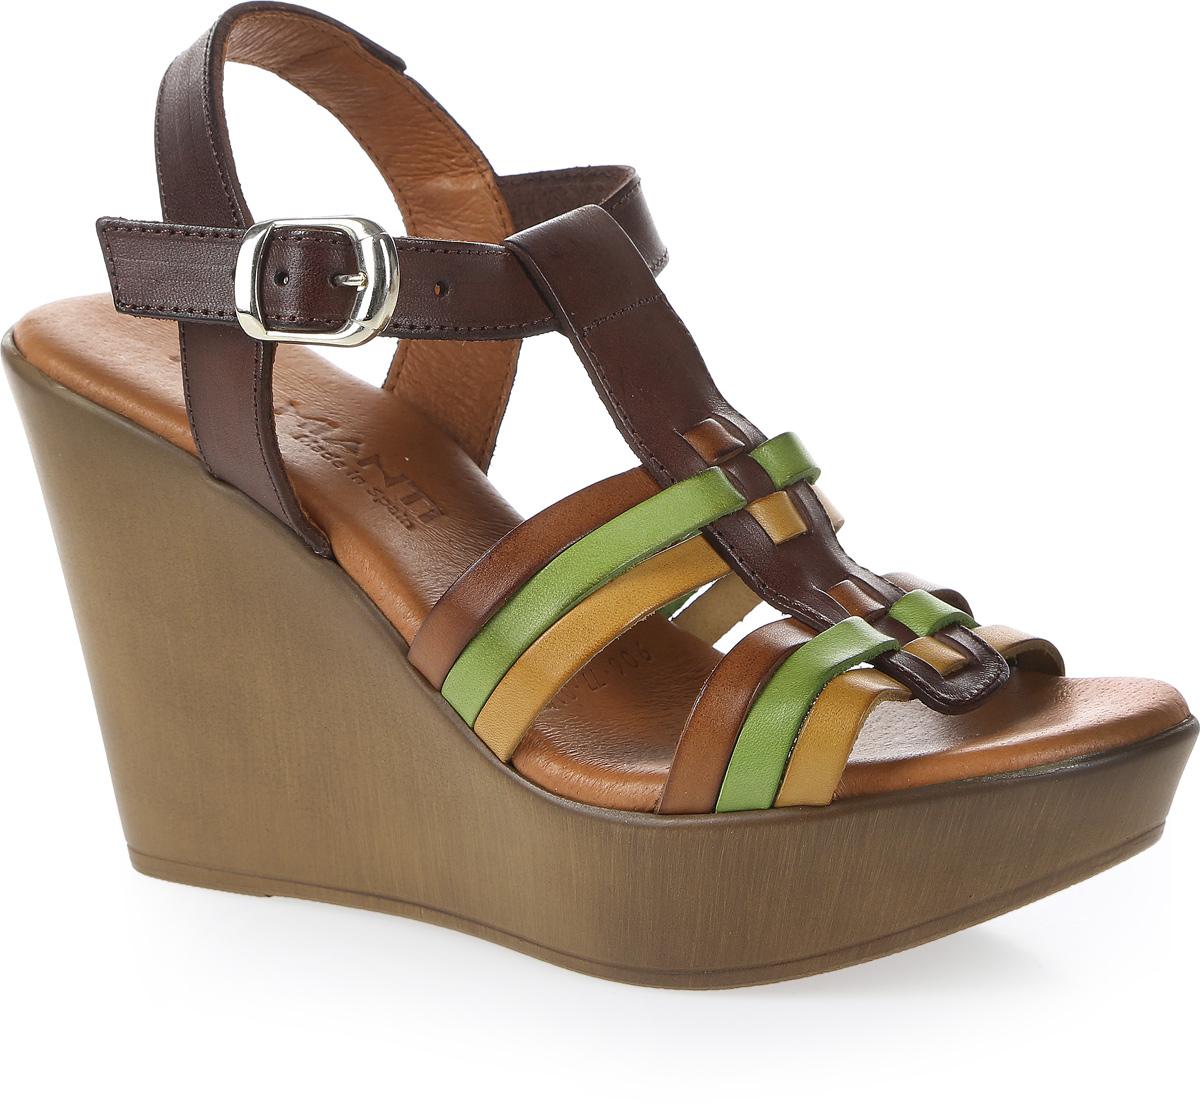 Босоножки женские Mia Mianti, цвет: коричневый, зеленый. 906-77-01/83. Размер 38906-77-01/83Удобные босоножки от Mia Mianti - незаменимая вещь в гардеробе каждой женщины. Модель выполнена из натуральной кожи и декорирована поперечными, контрастными ремешками. Ремешок с прямоугольной металлической пряжкой отвечает за надежную фиксацию модели на ноге. Длина ремешка регулируется за счет болта. Стелька из натуральной кожи, дополненная названием бренда, комфортна при ходьбе. Высокая танкеткакомпенсирована платформой. Подошва с рифлением обеспечивает отличное сцепление с любыми поверхностями. Стильные босоножки прекрасно дополнят любой из ваших образов.